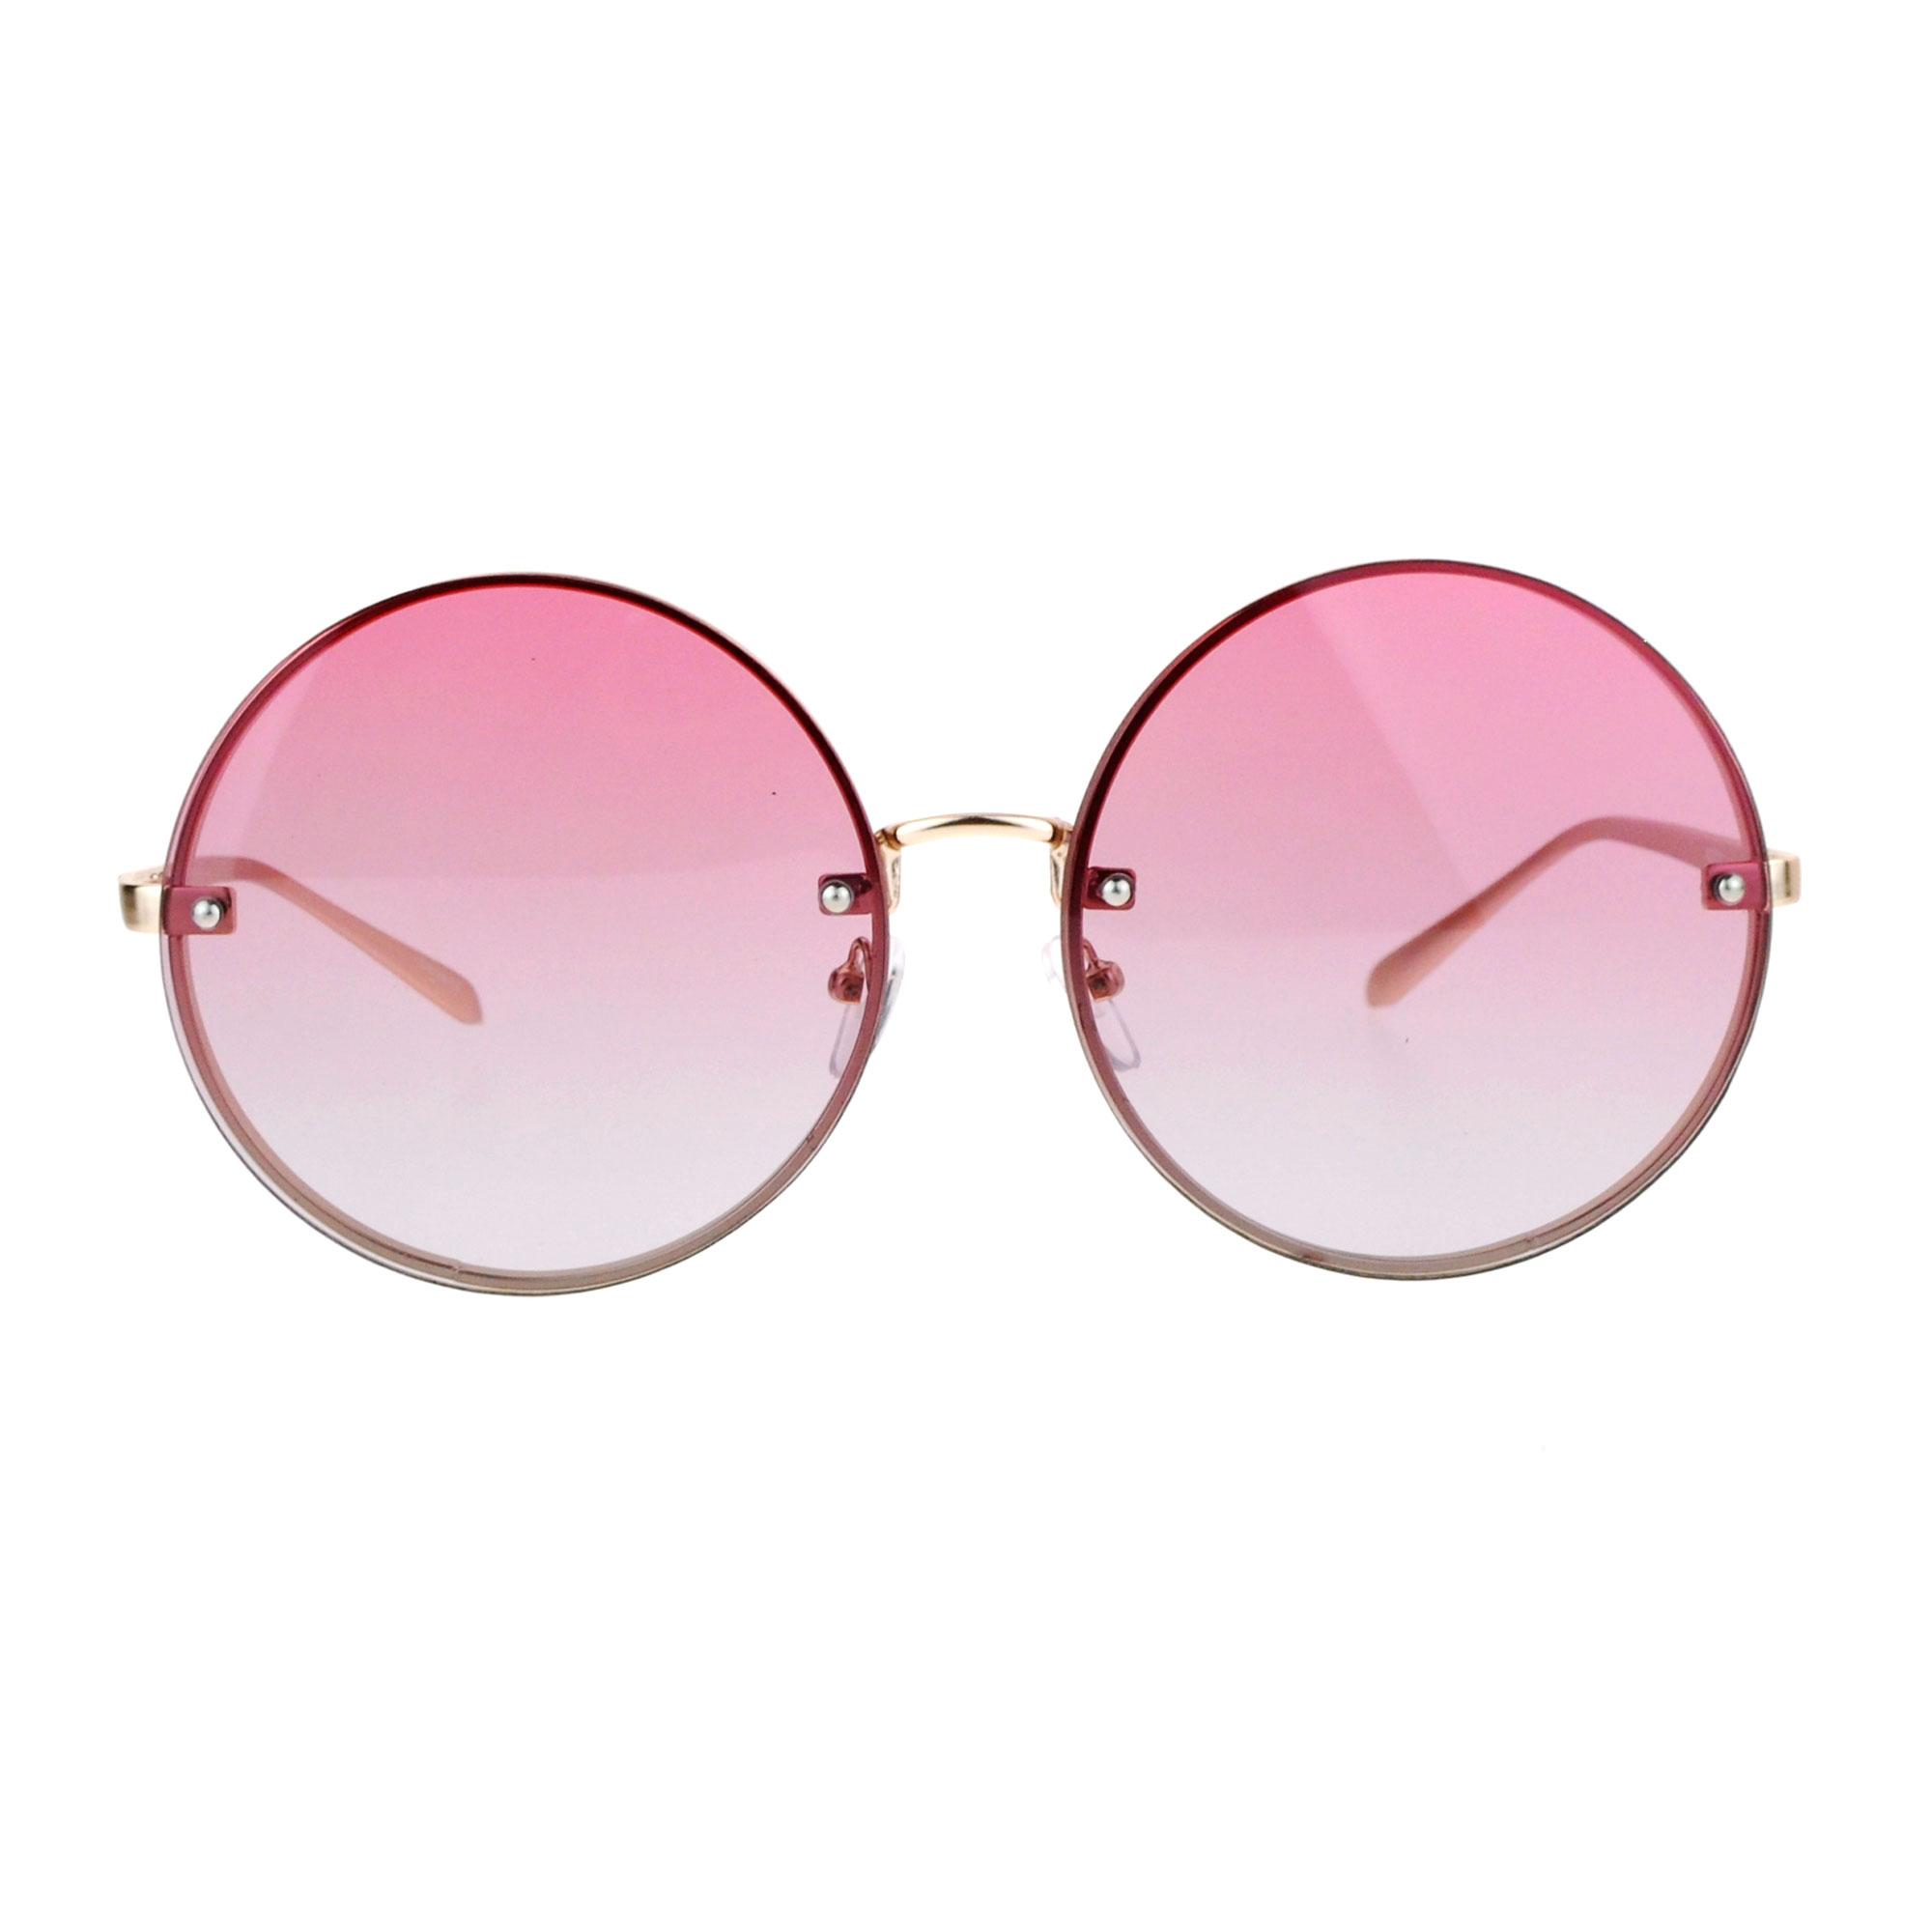 Atractivo Monturas De Gafas Círculo Patrón - Ideas Personalizadas de ...